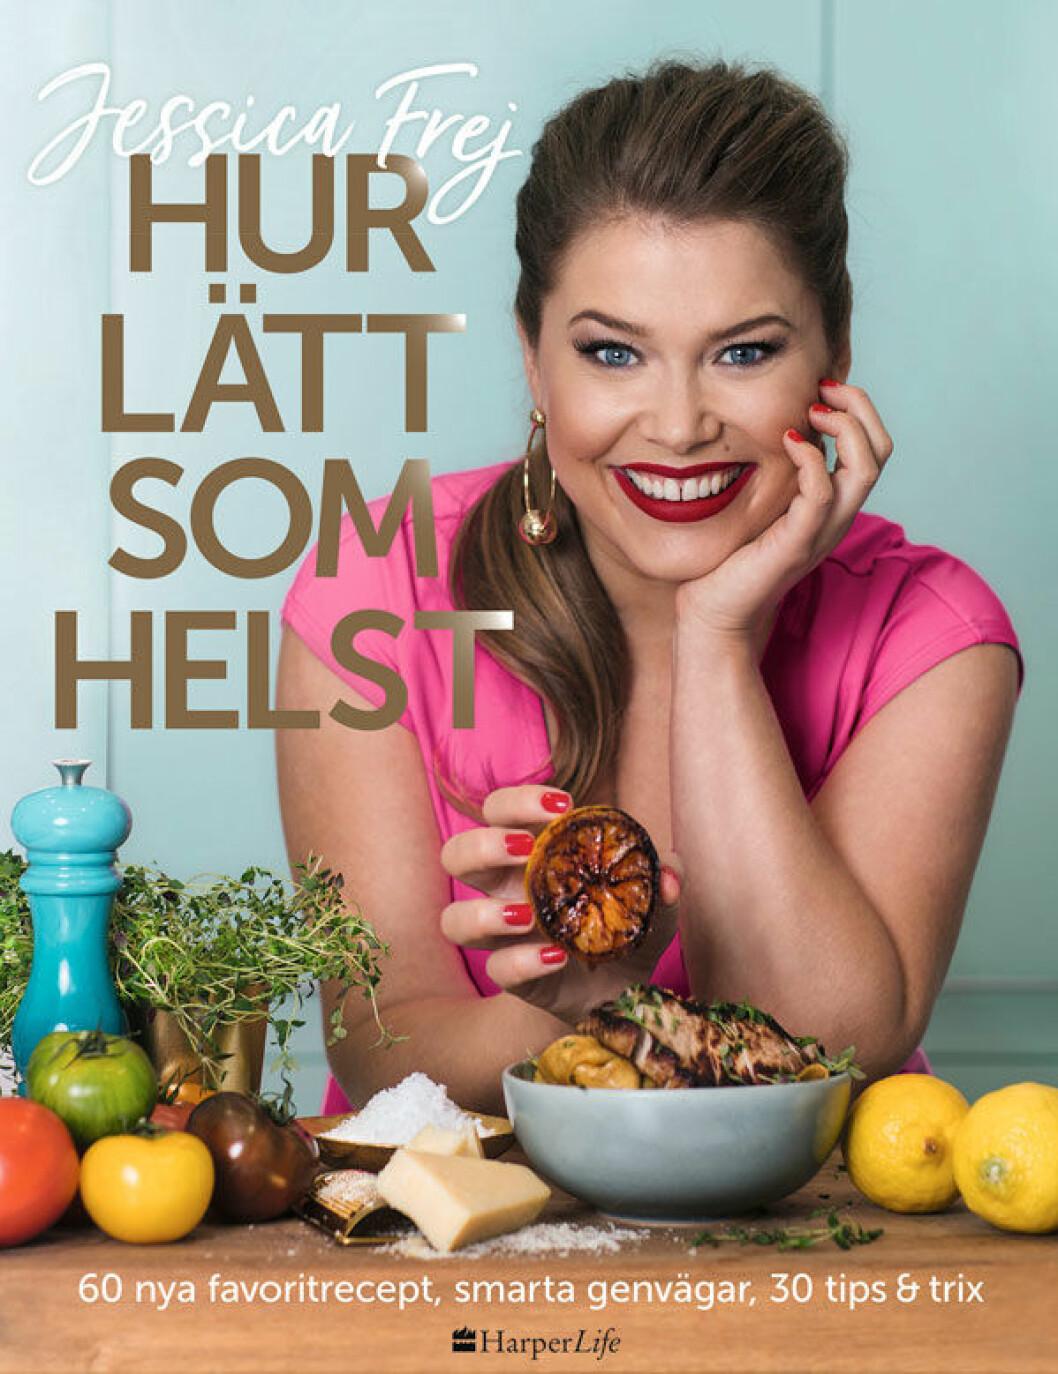 Kokboken Hur lätt som helst av Jessica Frej.